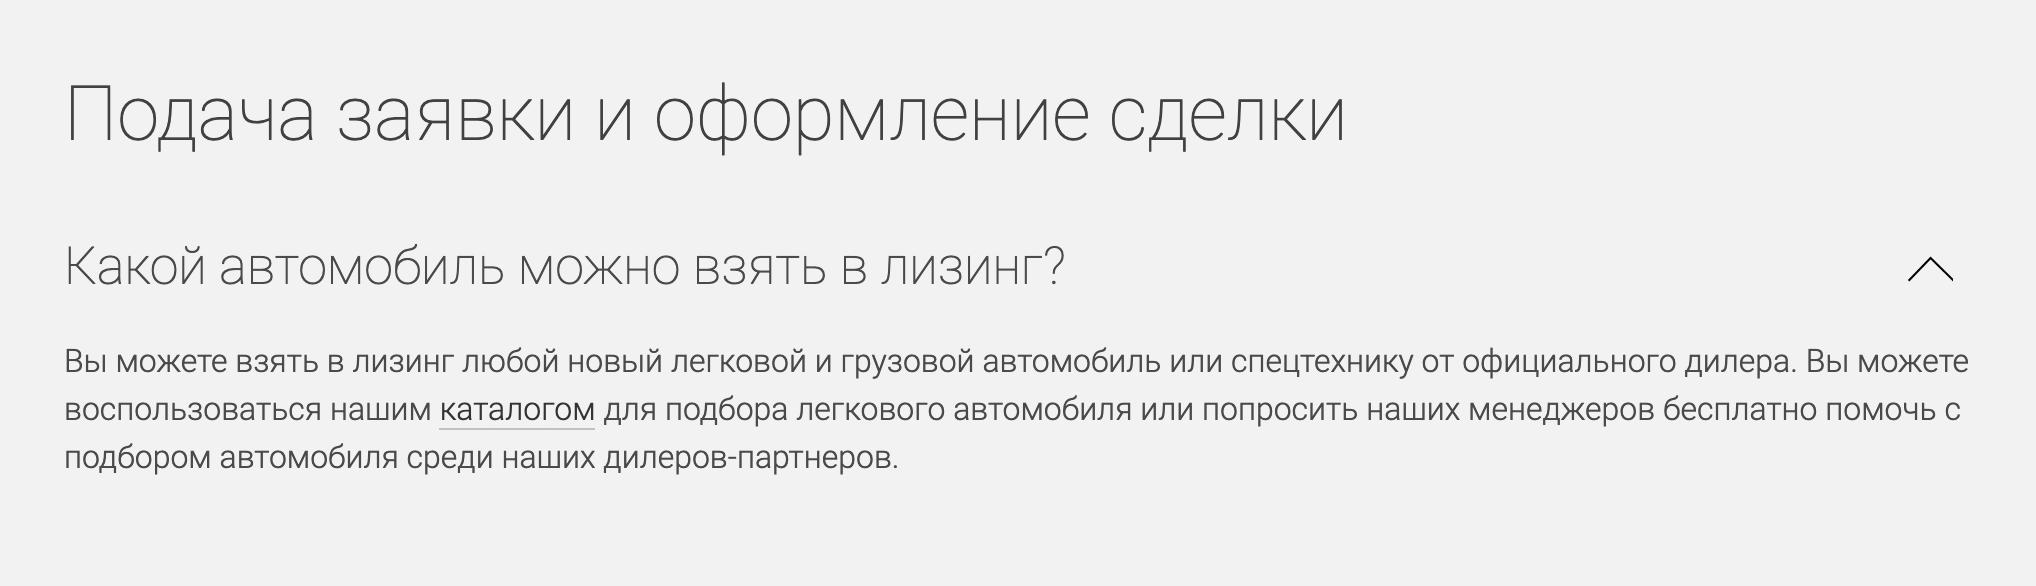 Новая фура без прицепа стоит 6 млн рублей — длянас это дорого. Мы планировали купить всю сцепку за 5 млн